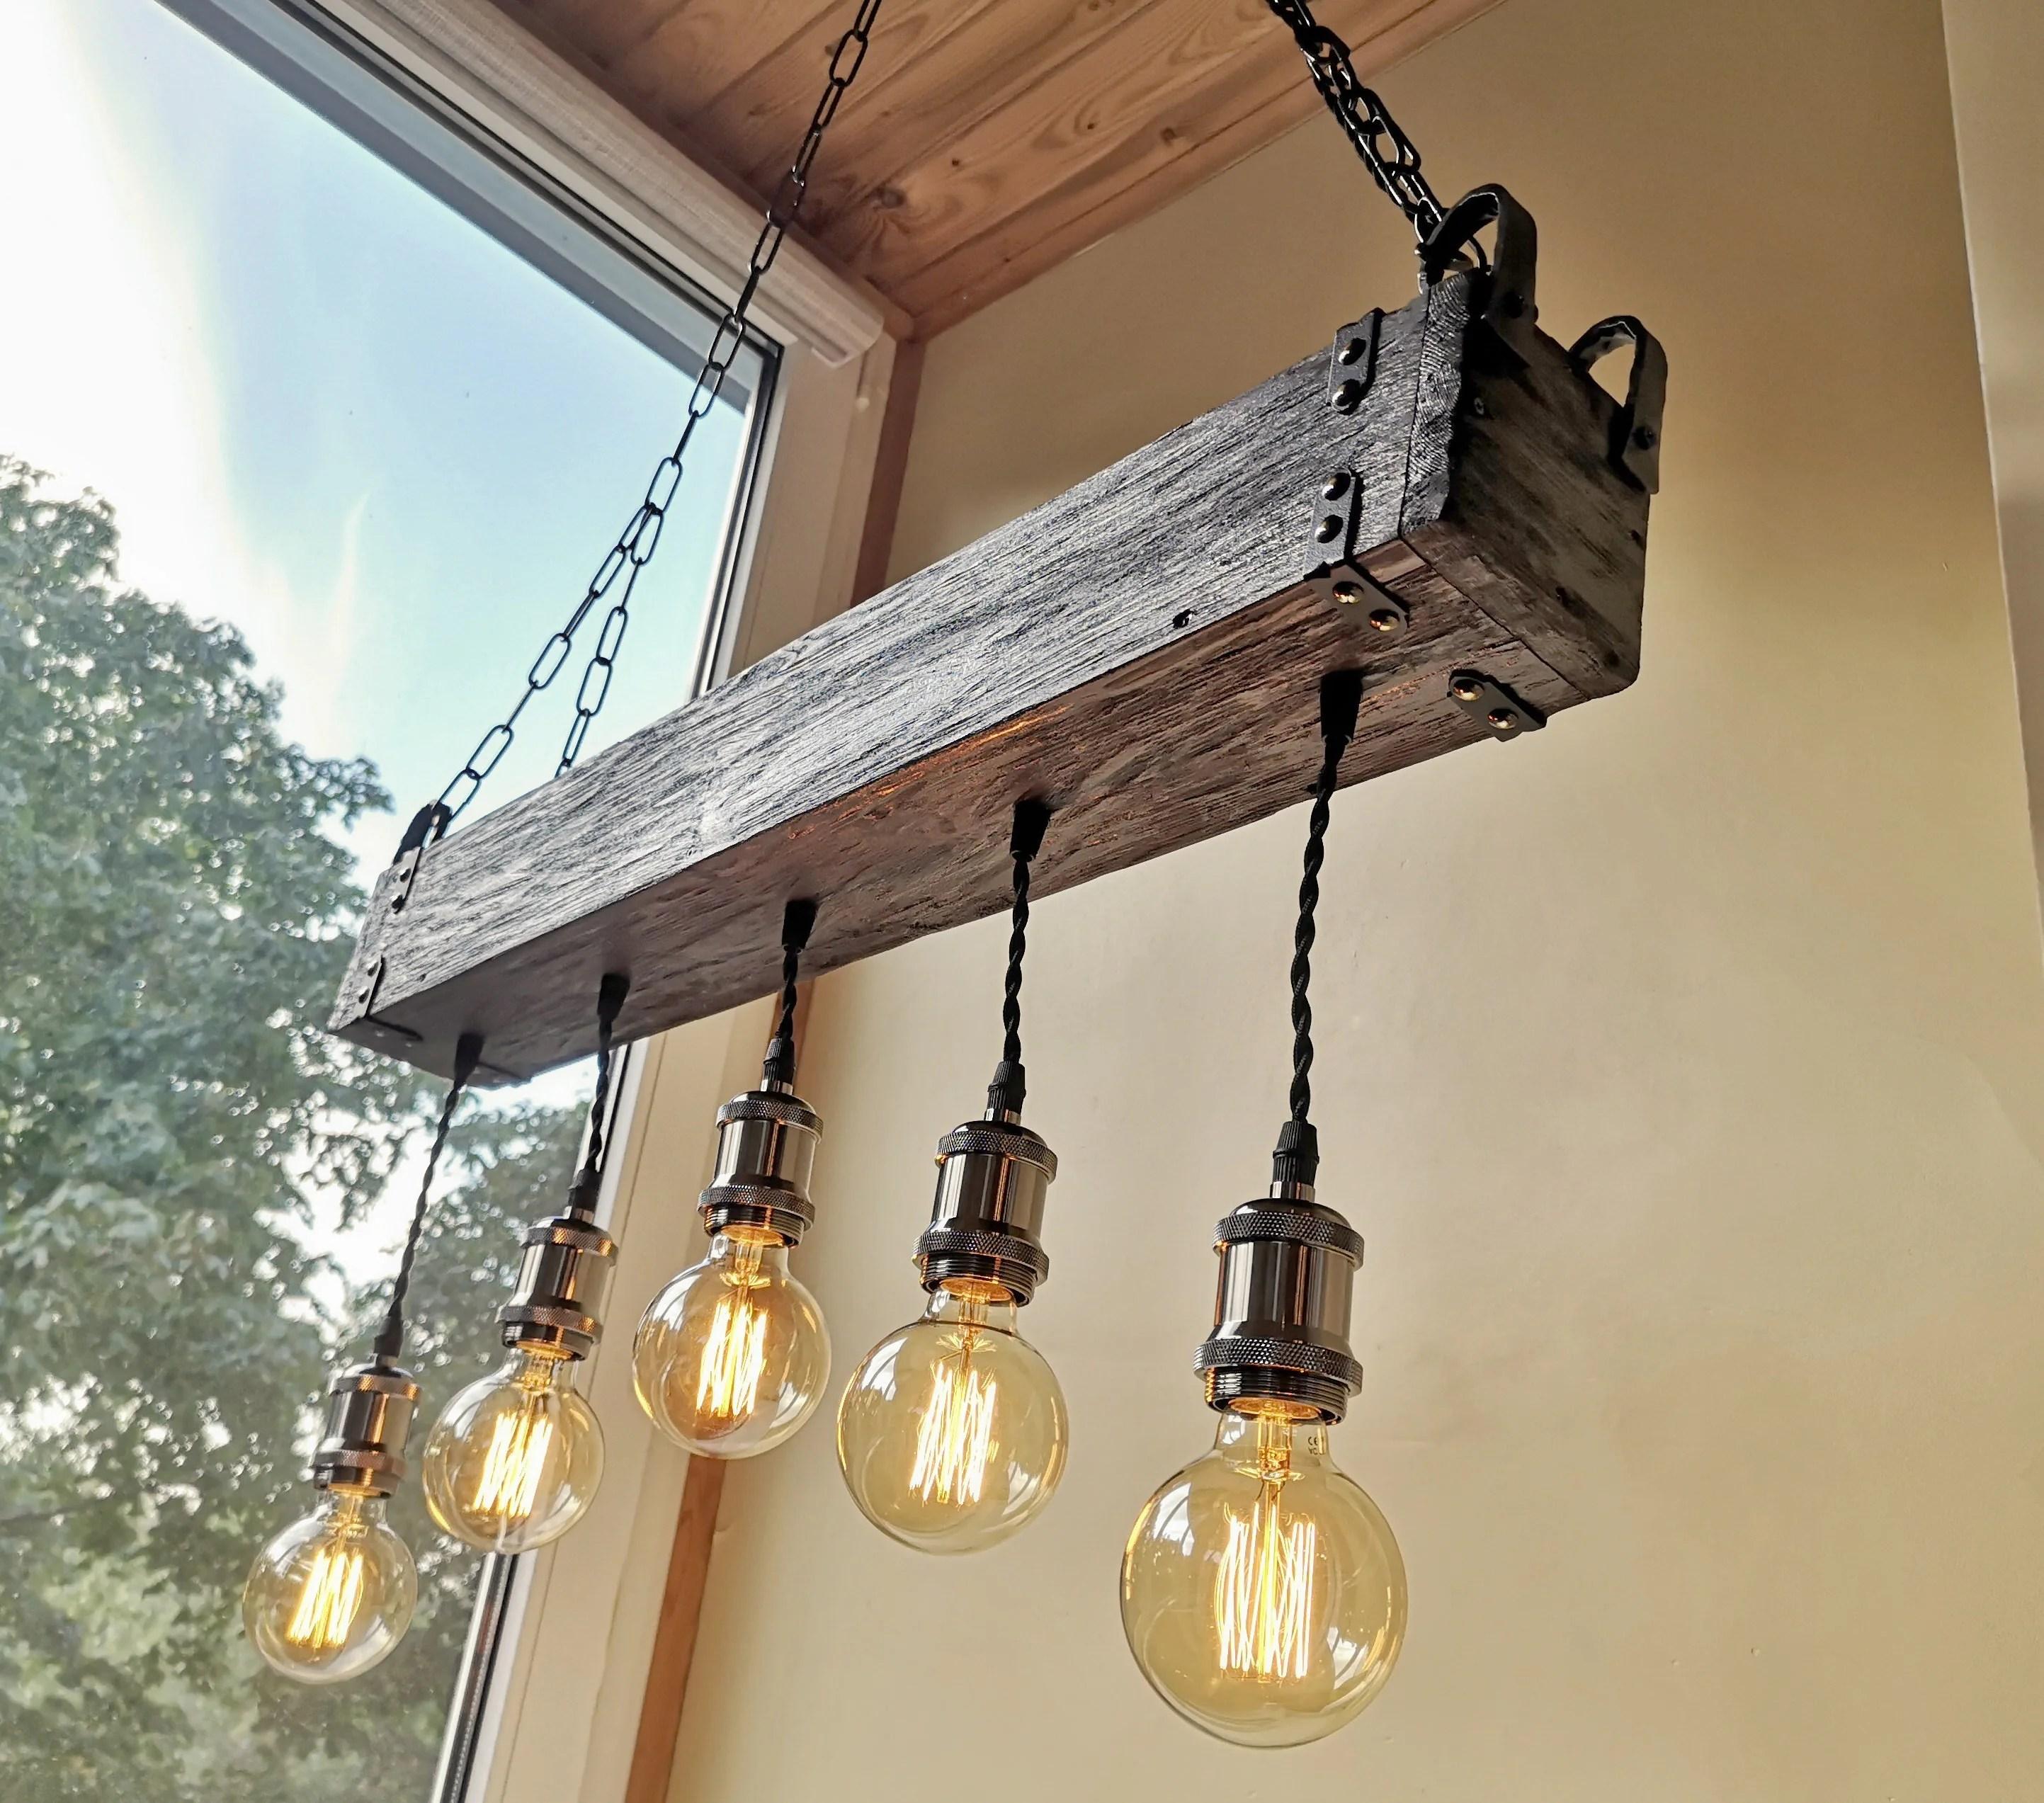 handmade beam chandelier wood beam chandelier wooden chandelier rustic lighting farmhouse pendant hanging lamp indoor lighting ceiling